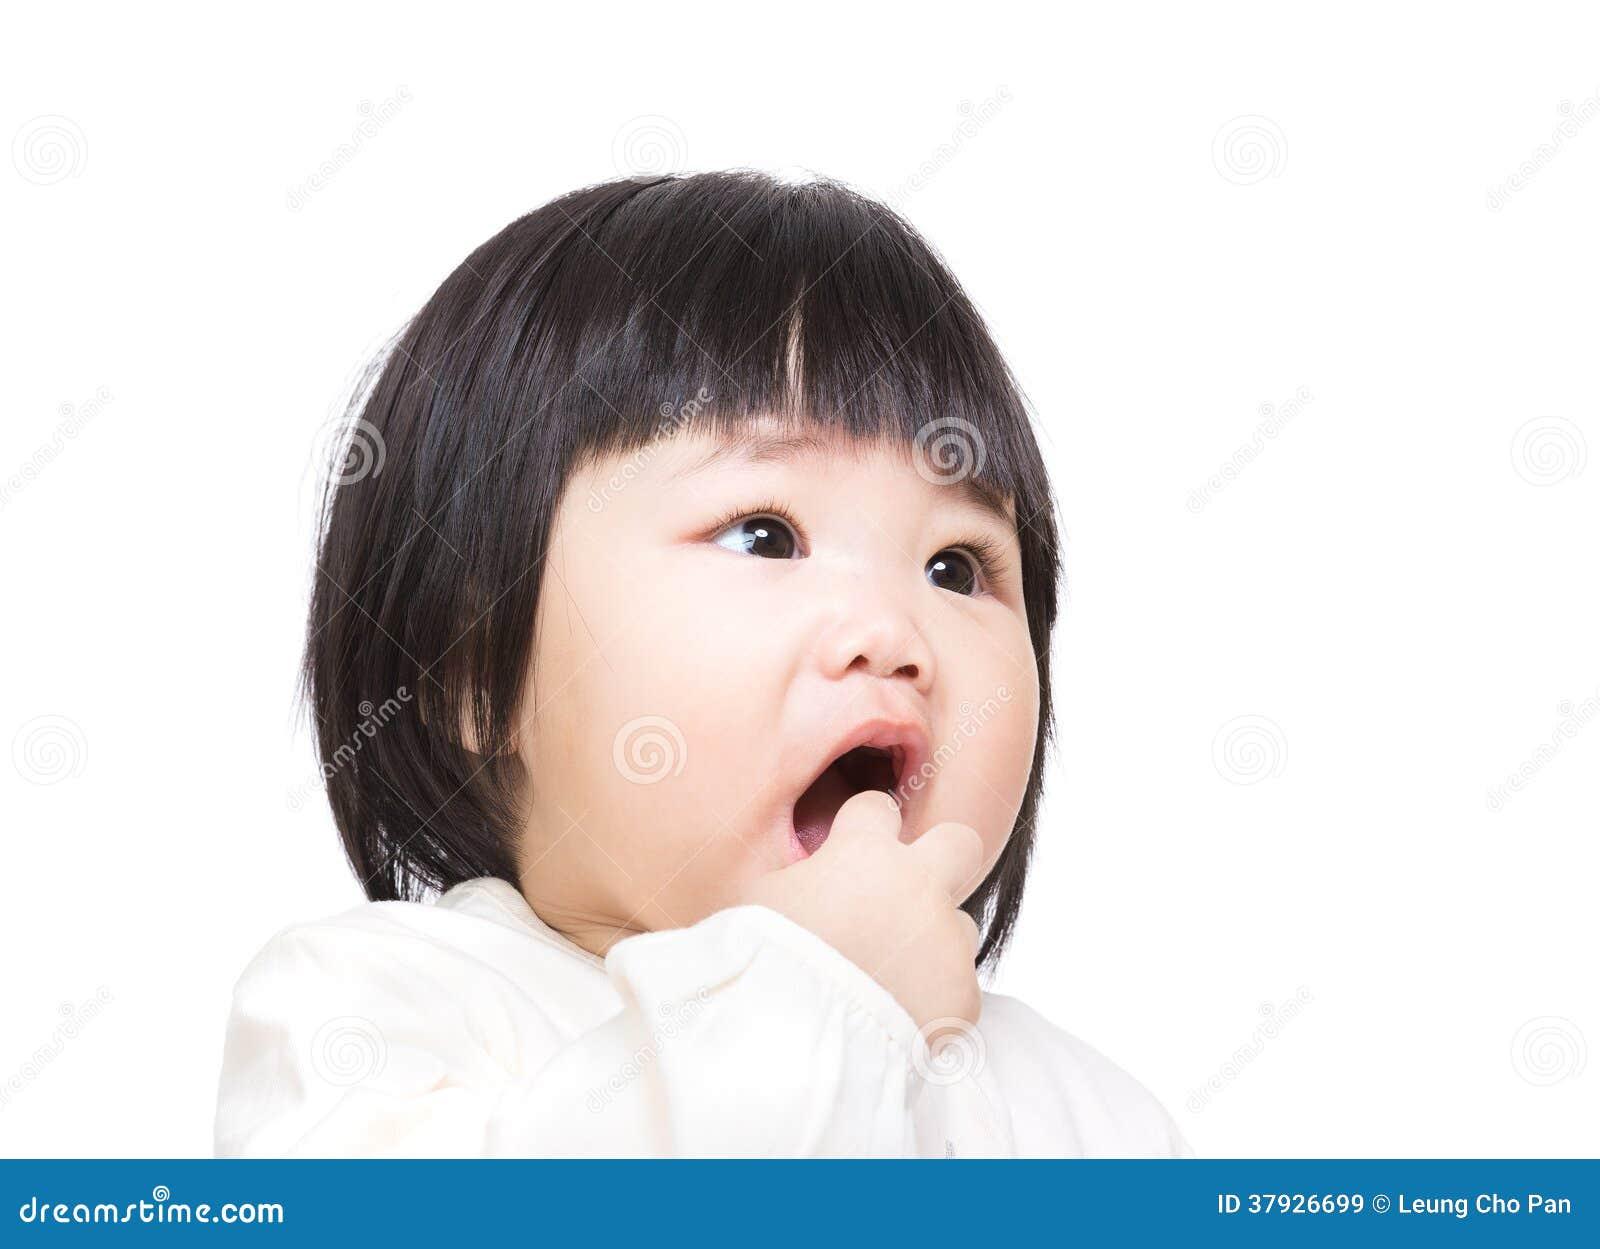 Азиатский ребёнок всасывает палец в рот